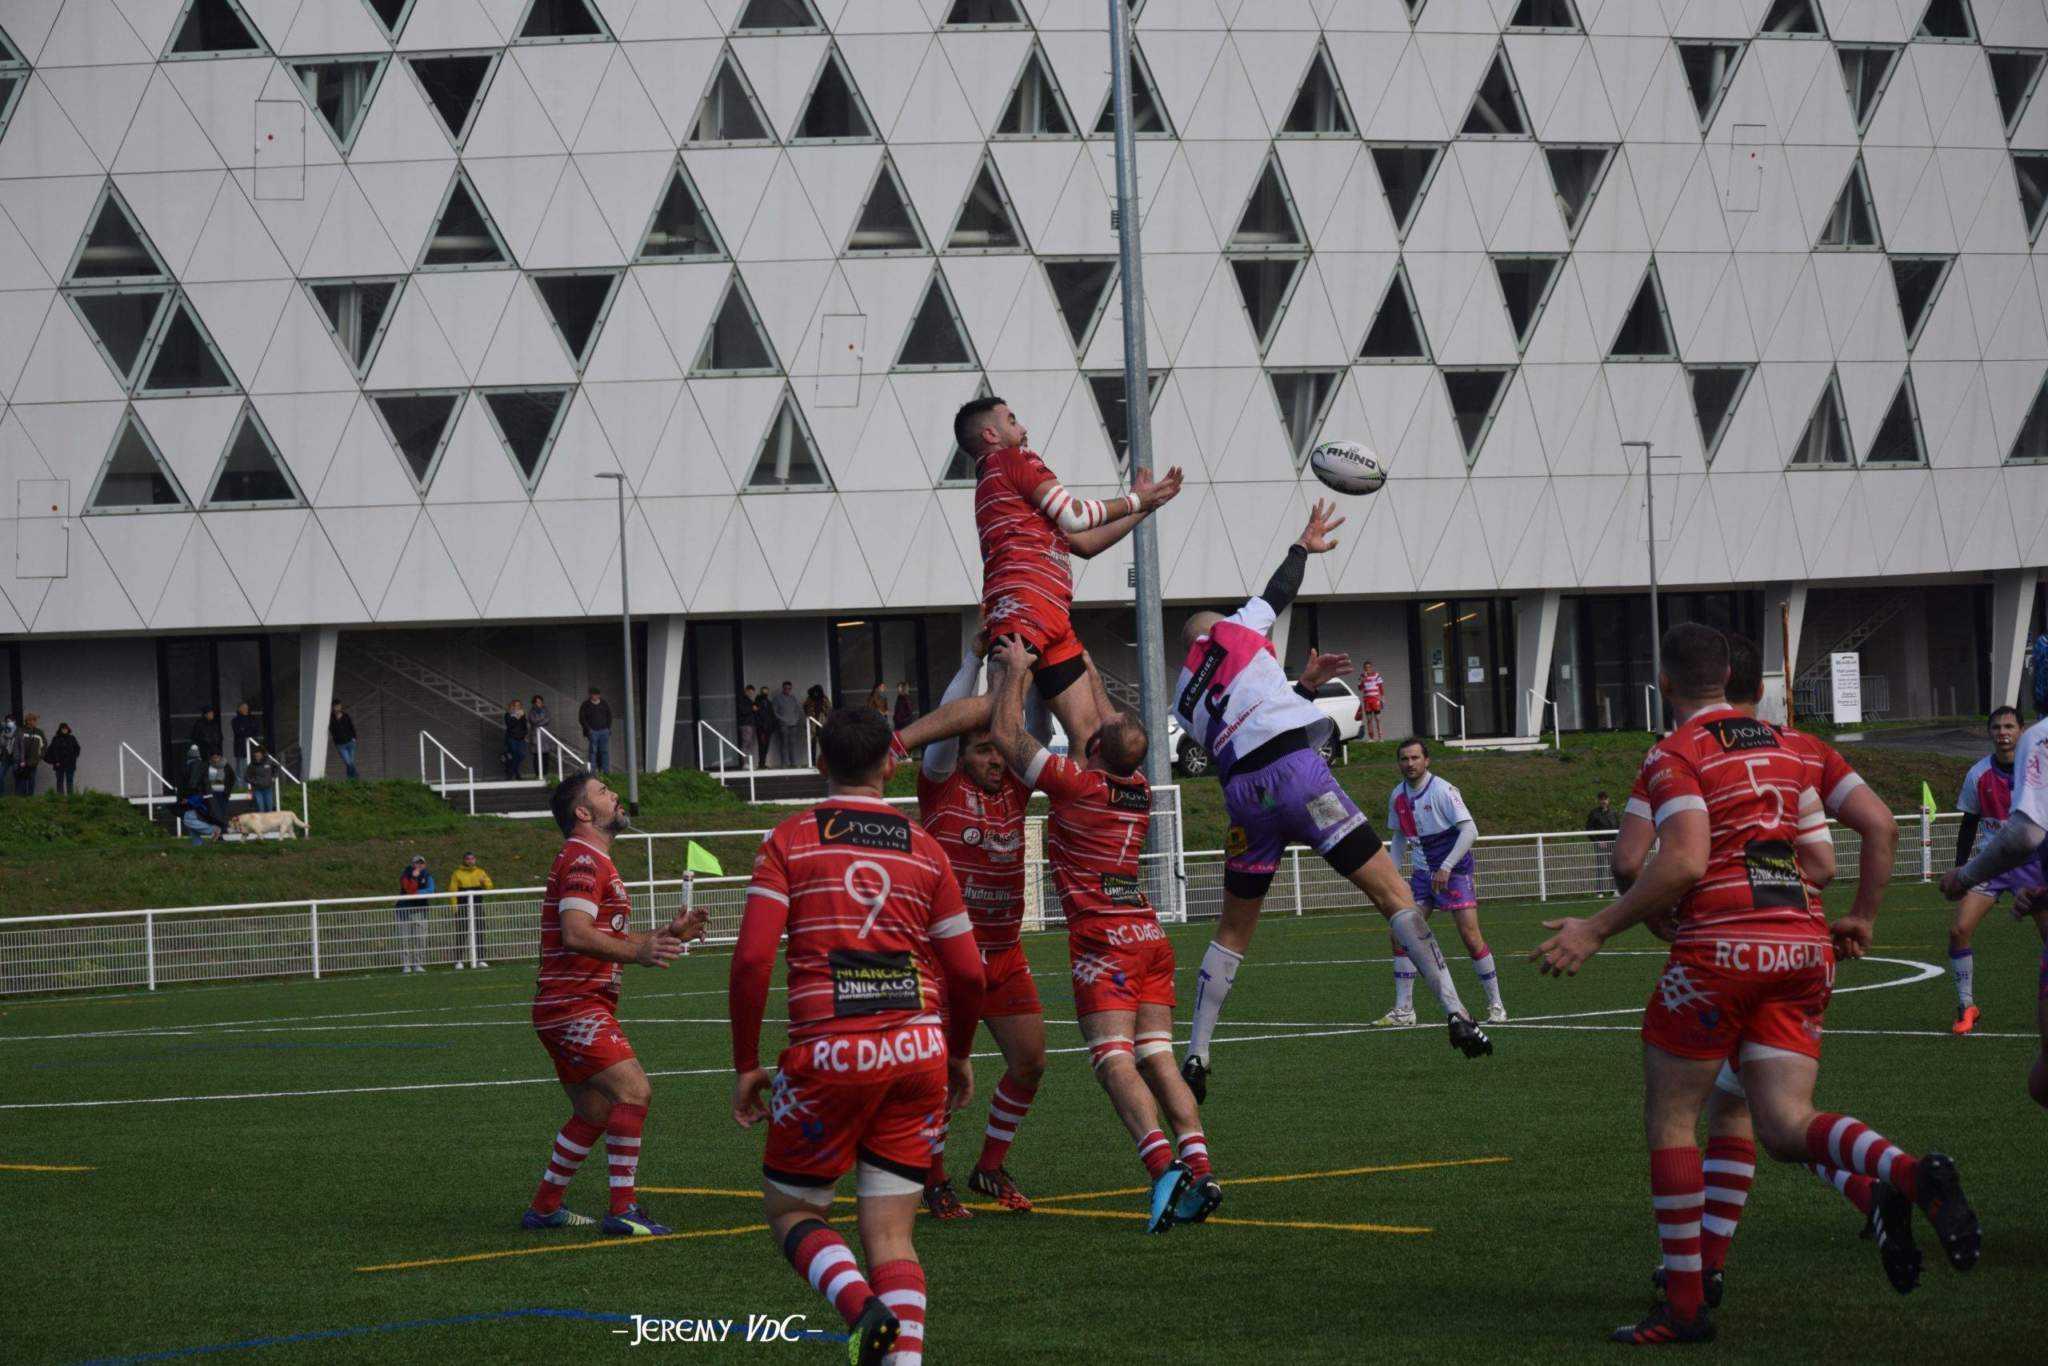 Limoges et Daglan se recroiseront à la rentrée (crédit photo Jeremy VdC)